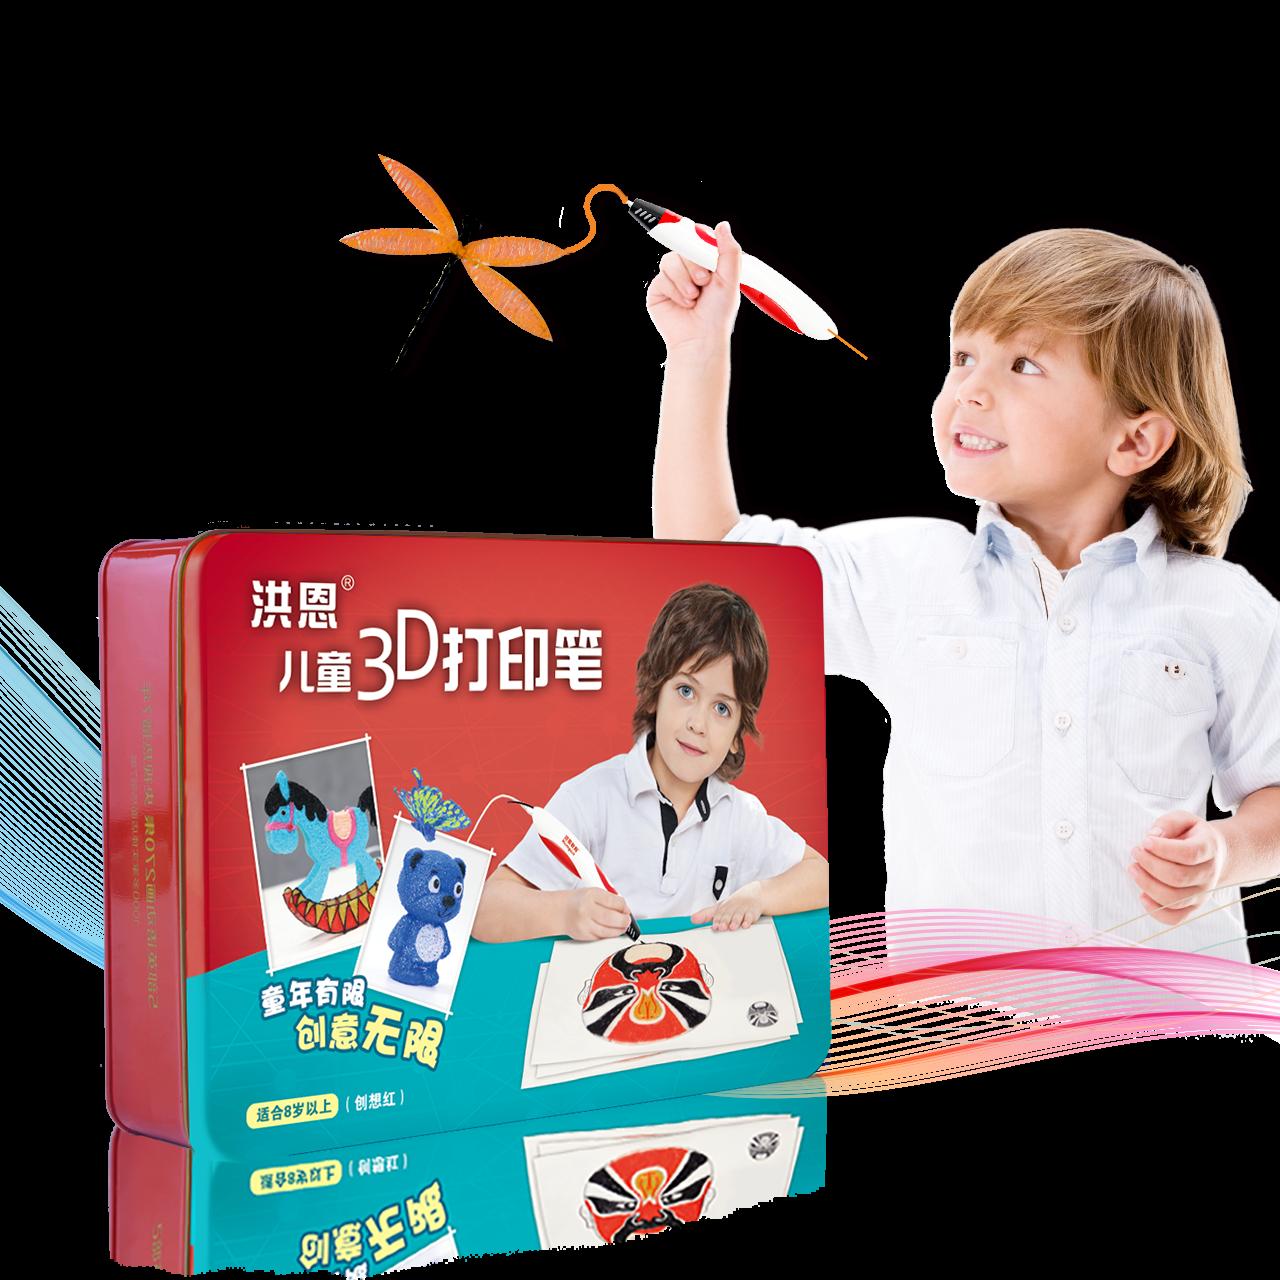 1280无logo(创想红)洪恩儿童3D打印笔2